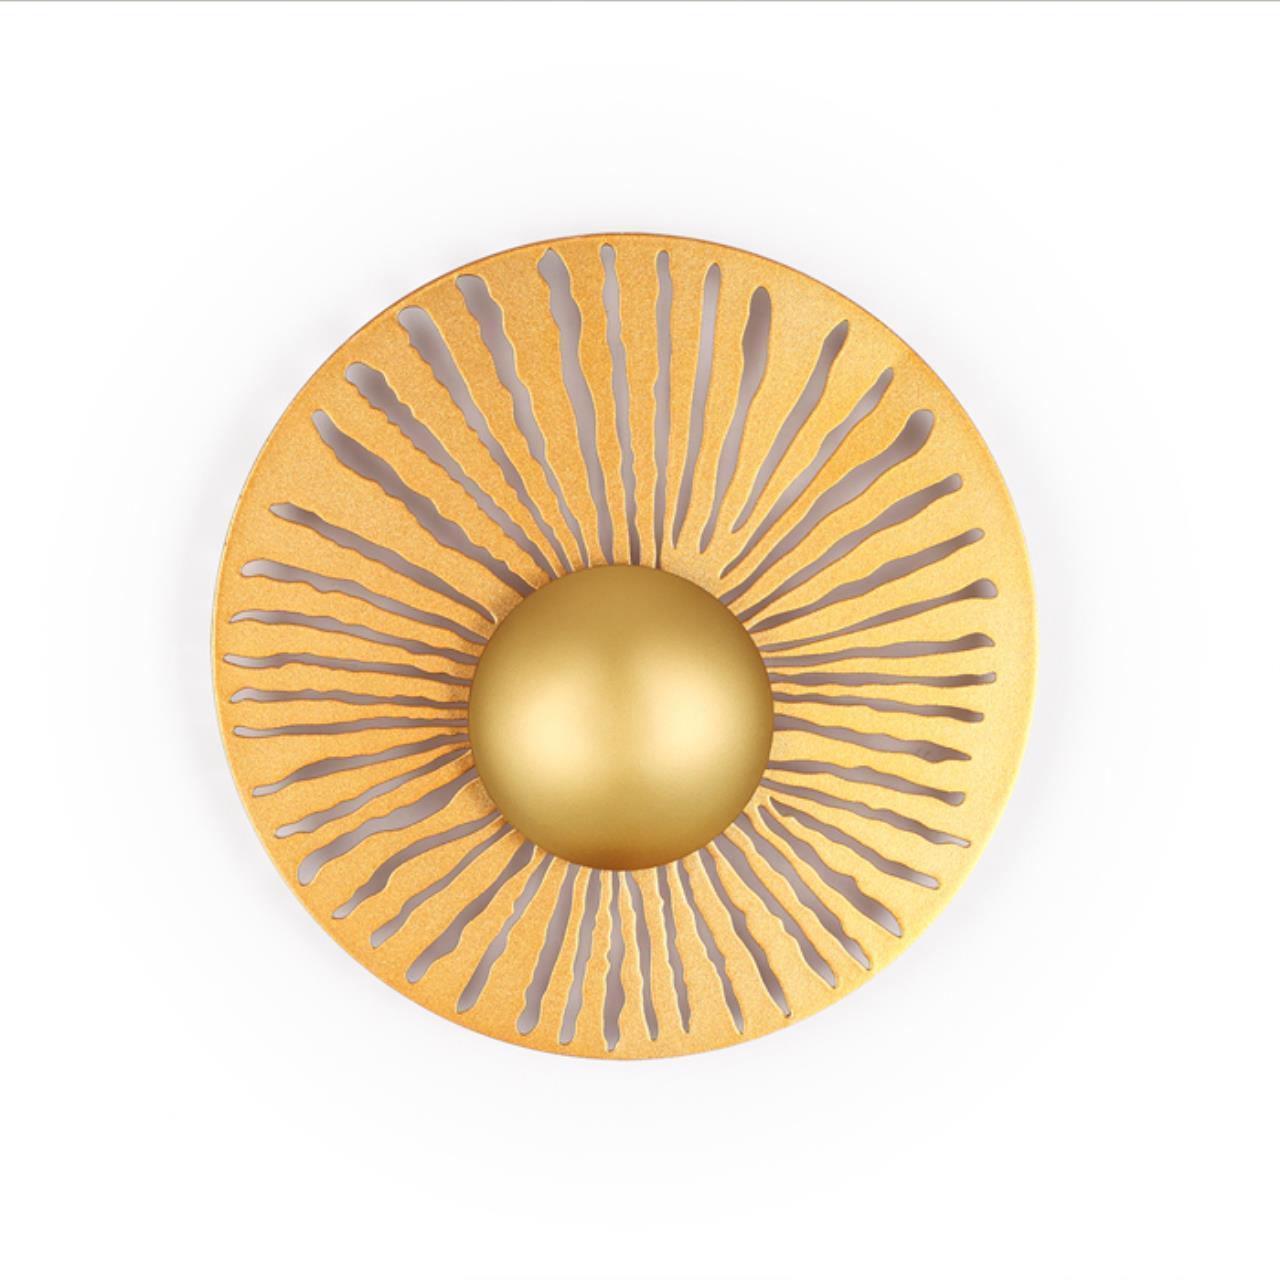 3866/10WL HIGHTECH ODL19 171 золотистый/металл Настенный светильник LED 10W 800Лм 3000К W280хH75 DON